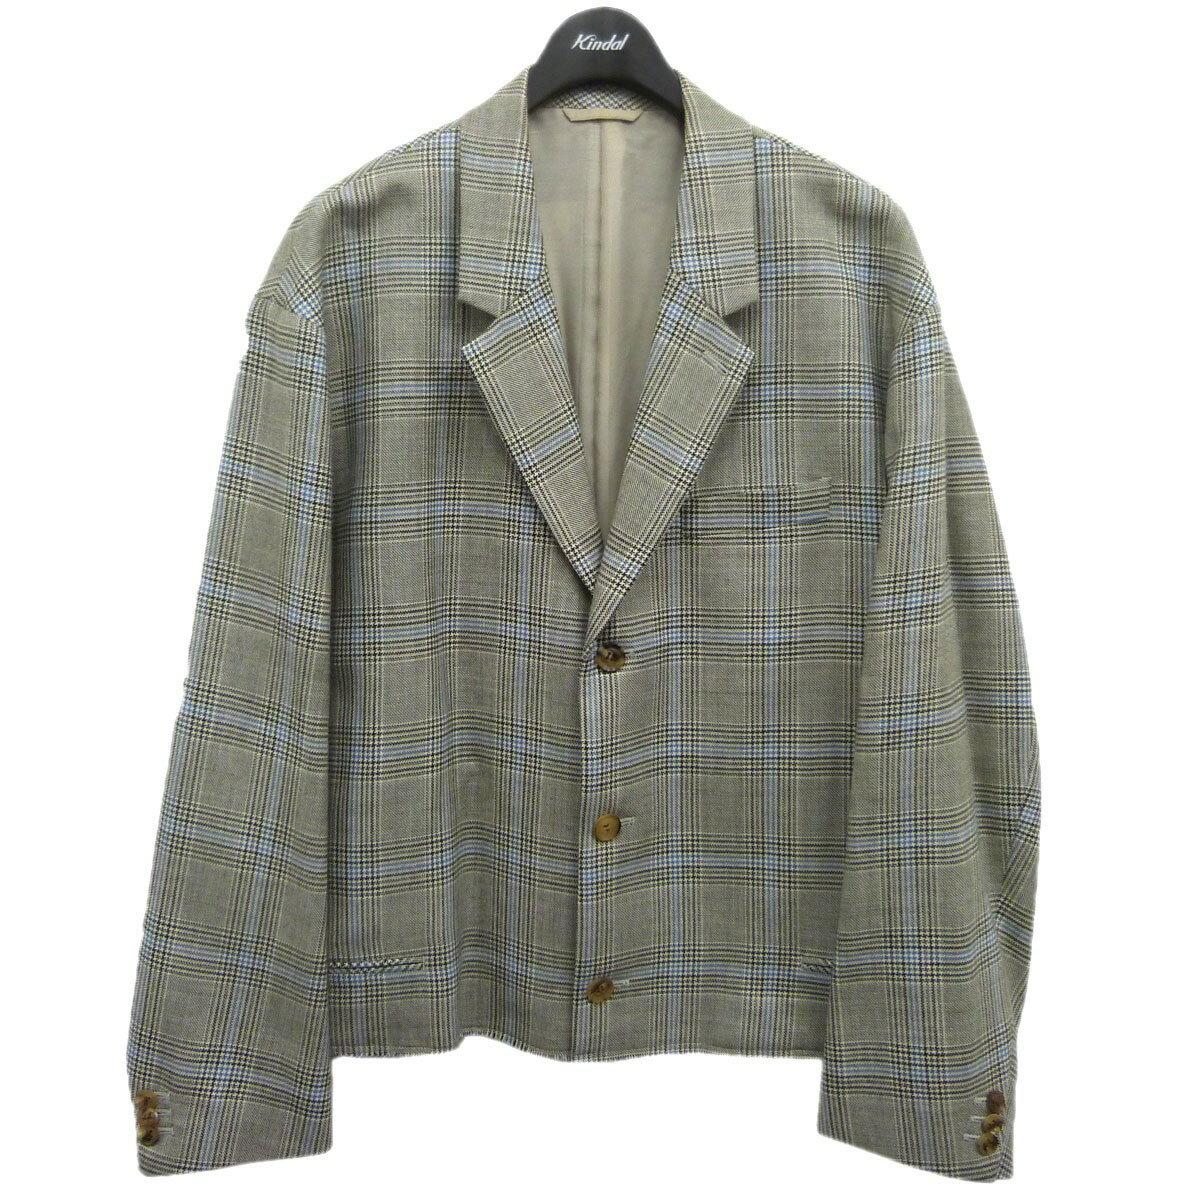 メンズファッション, コート・ジャケット doublet 2018SS CUT OFF OVER-SIZED TAILORED JACKET M 250921